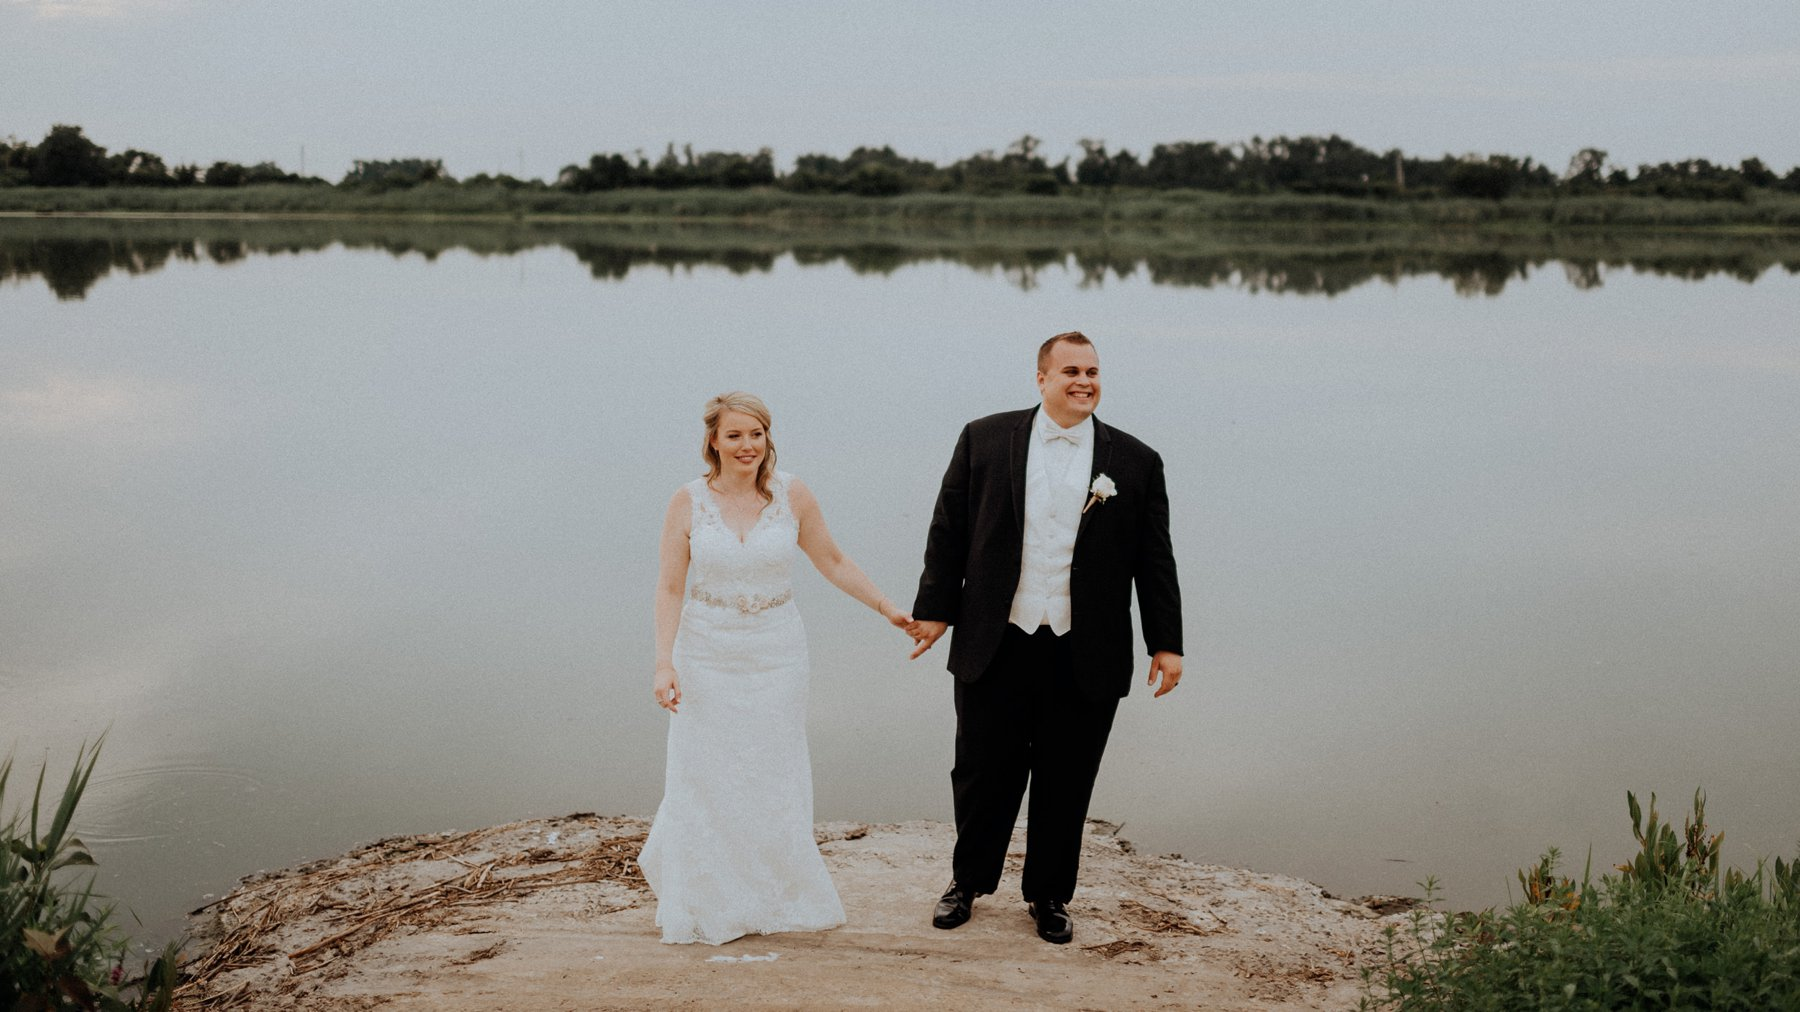 281-284-thousand-acre-farm-wedding-1.jpg